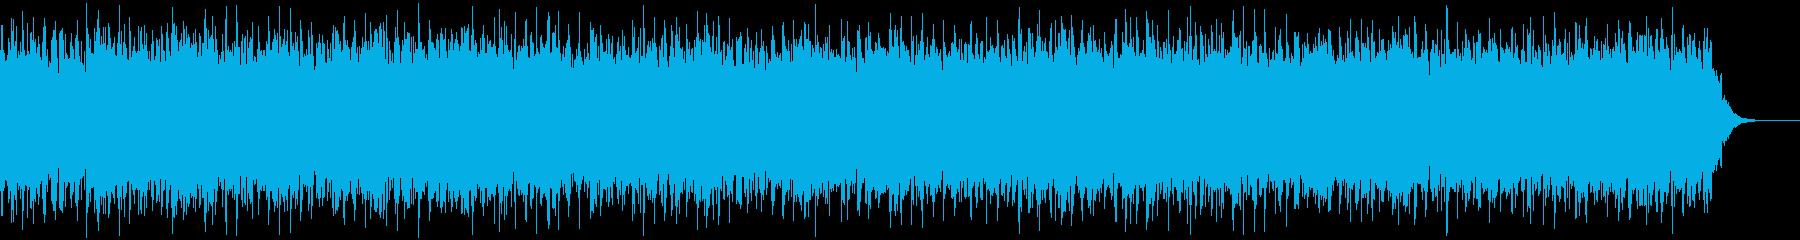 宇宙船バトルゲーム的なテクノEDM。の再生済みの波形